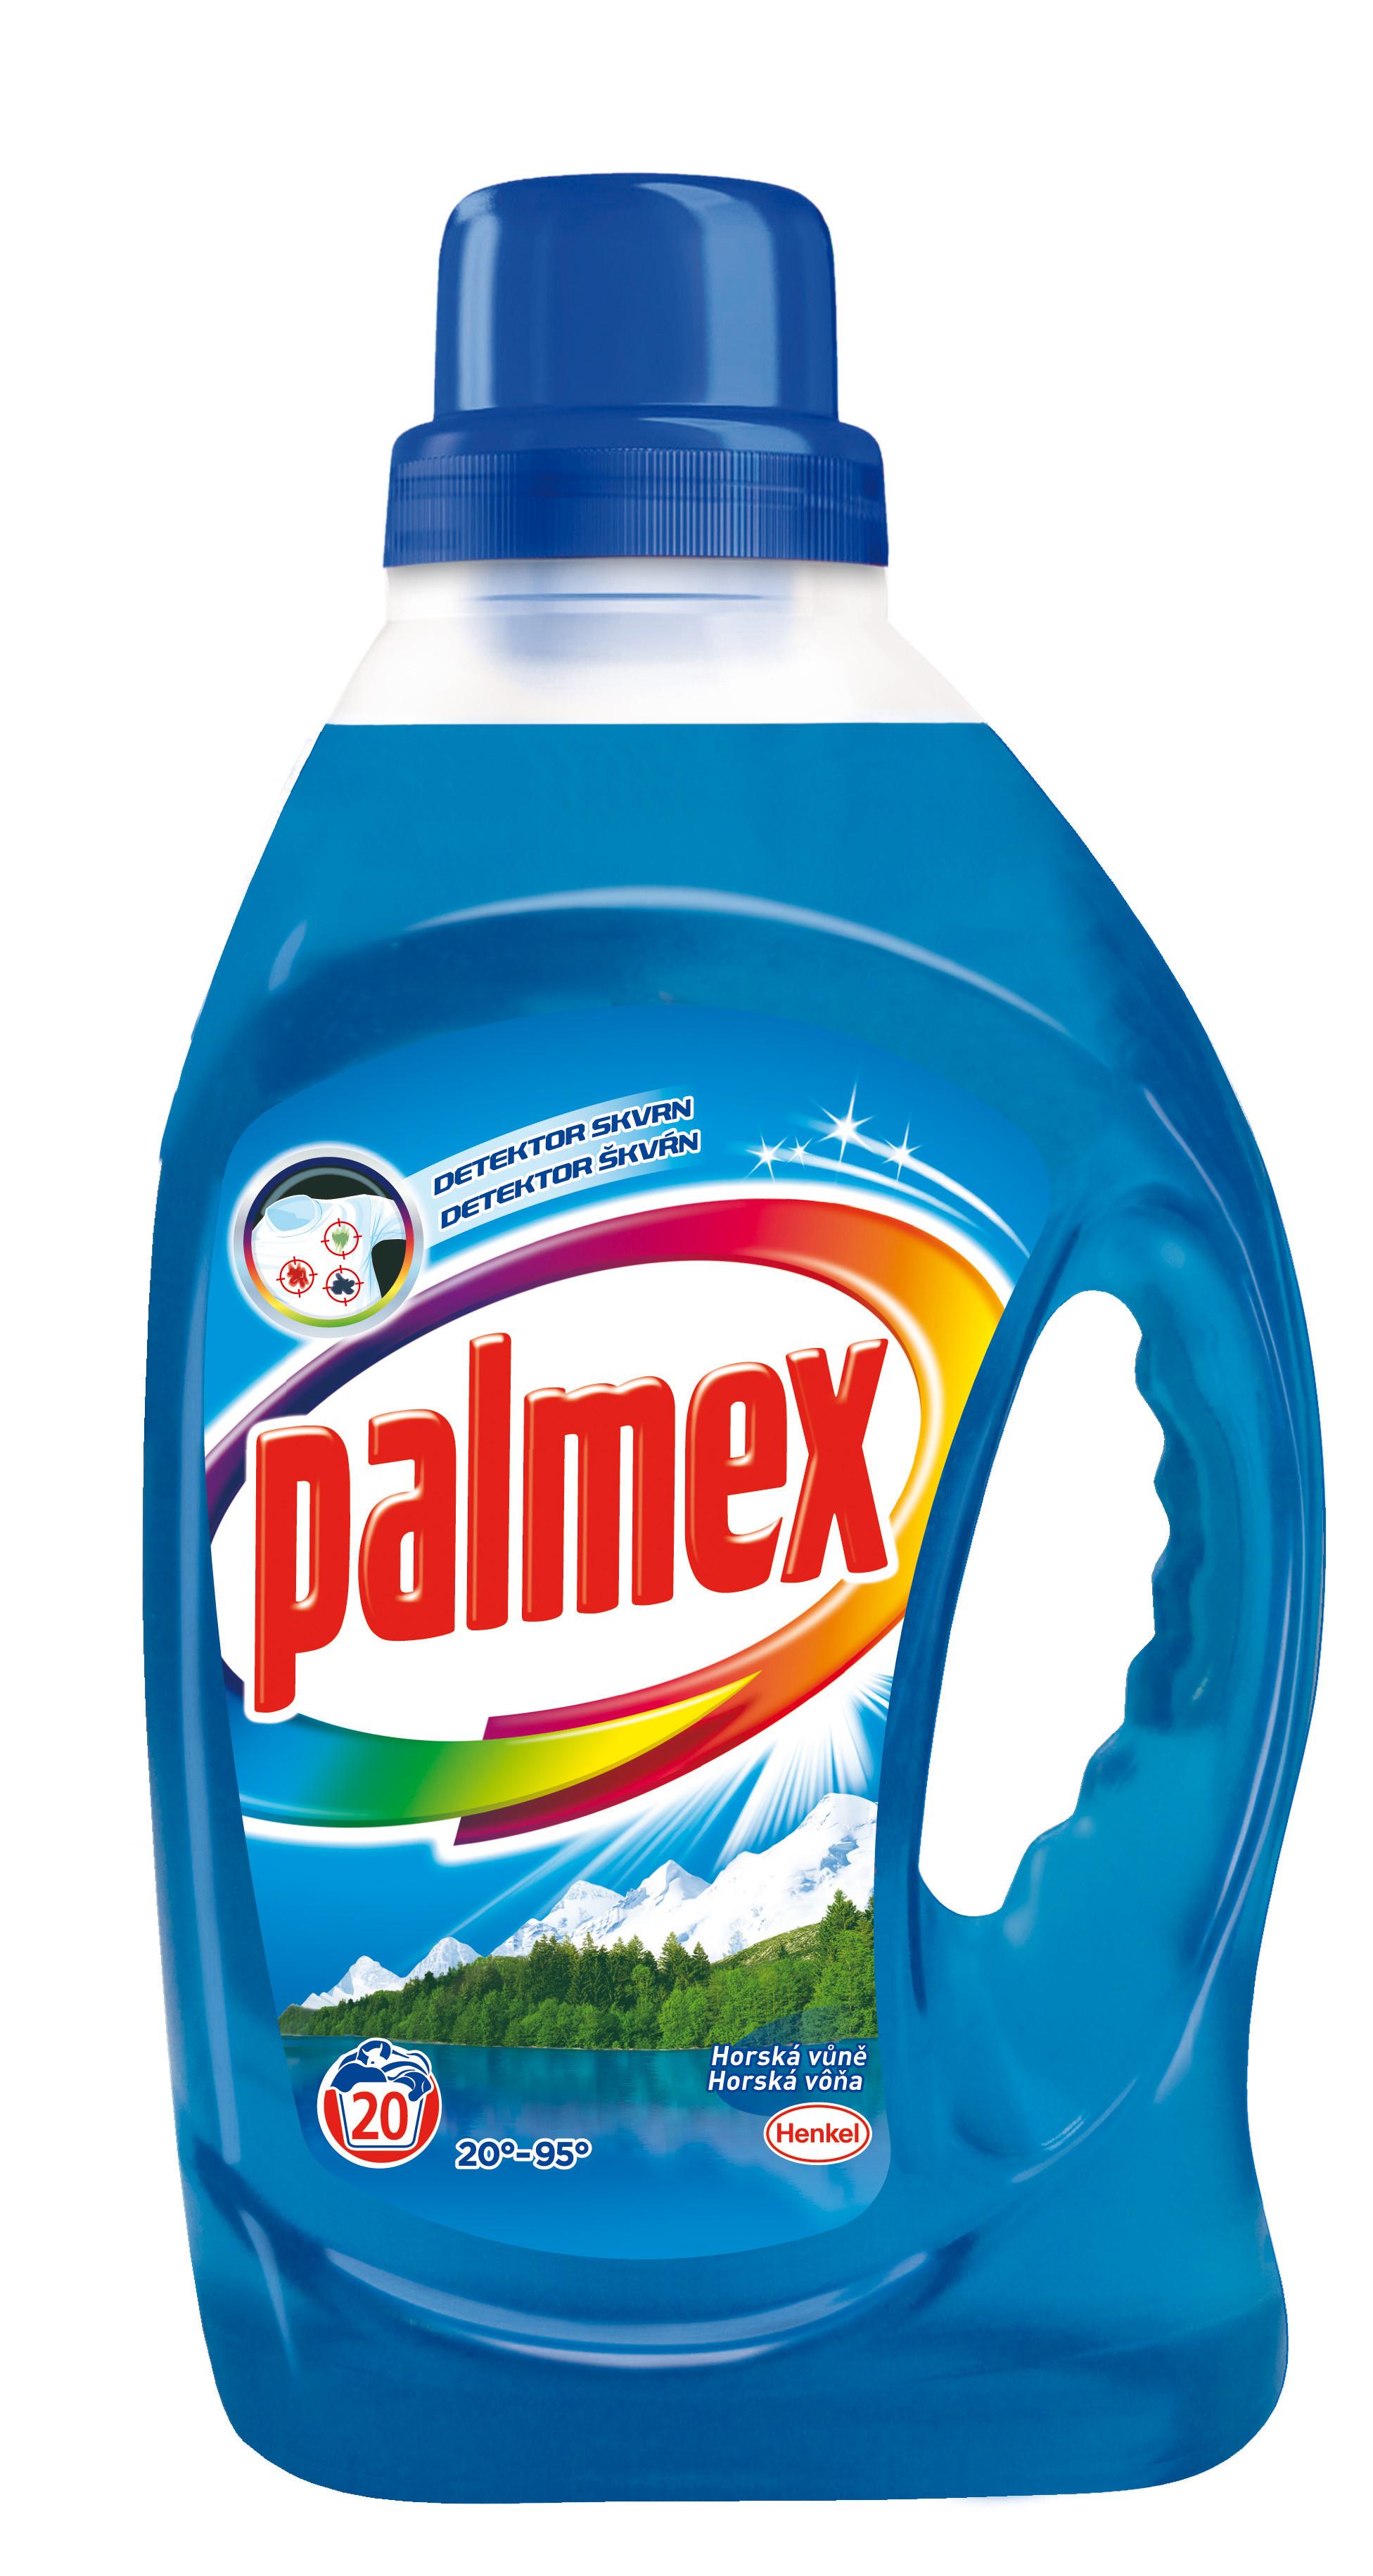 Palmex Gel s horskou vůní, 20 praní 1,46 l